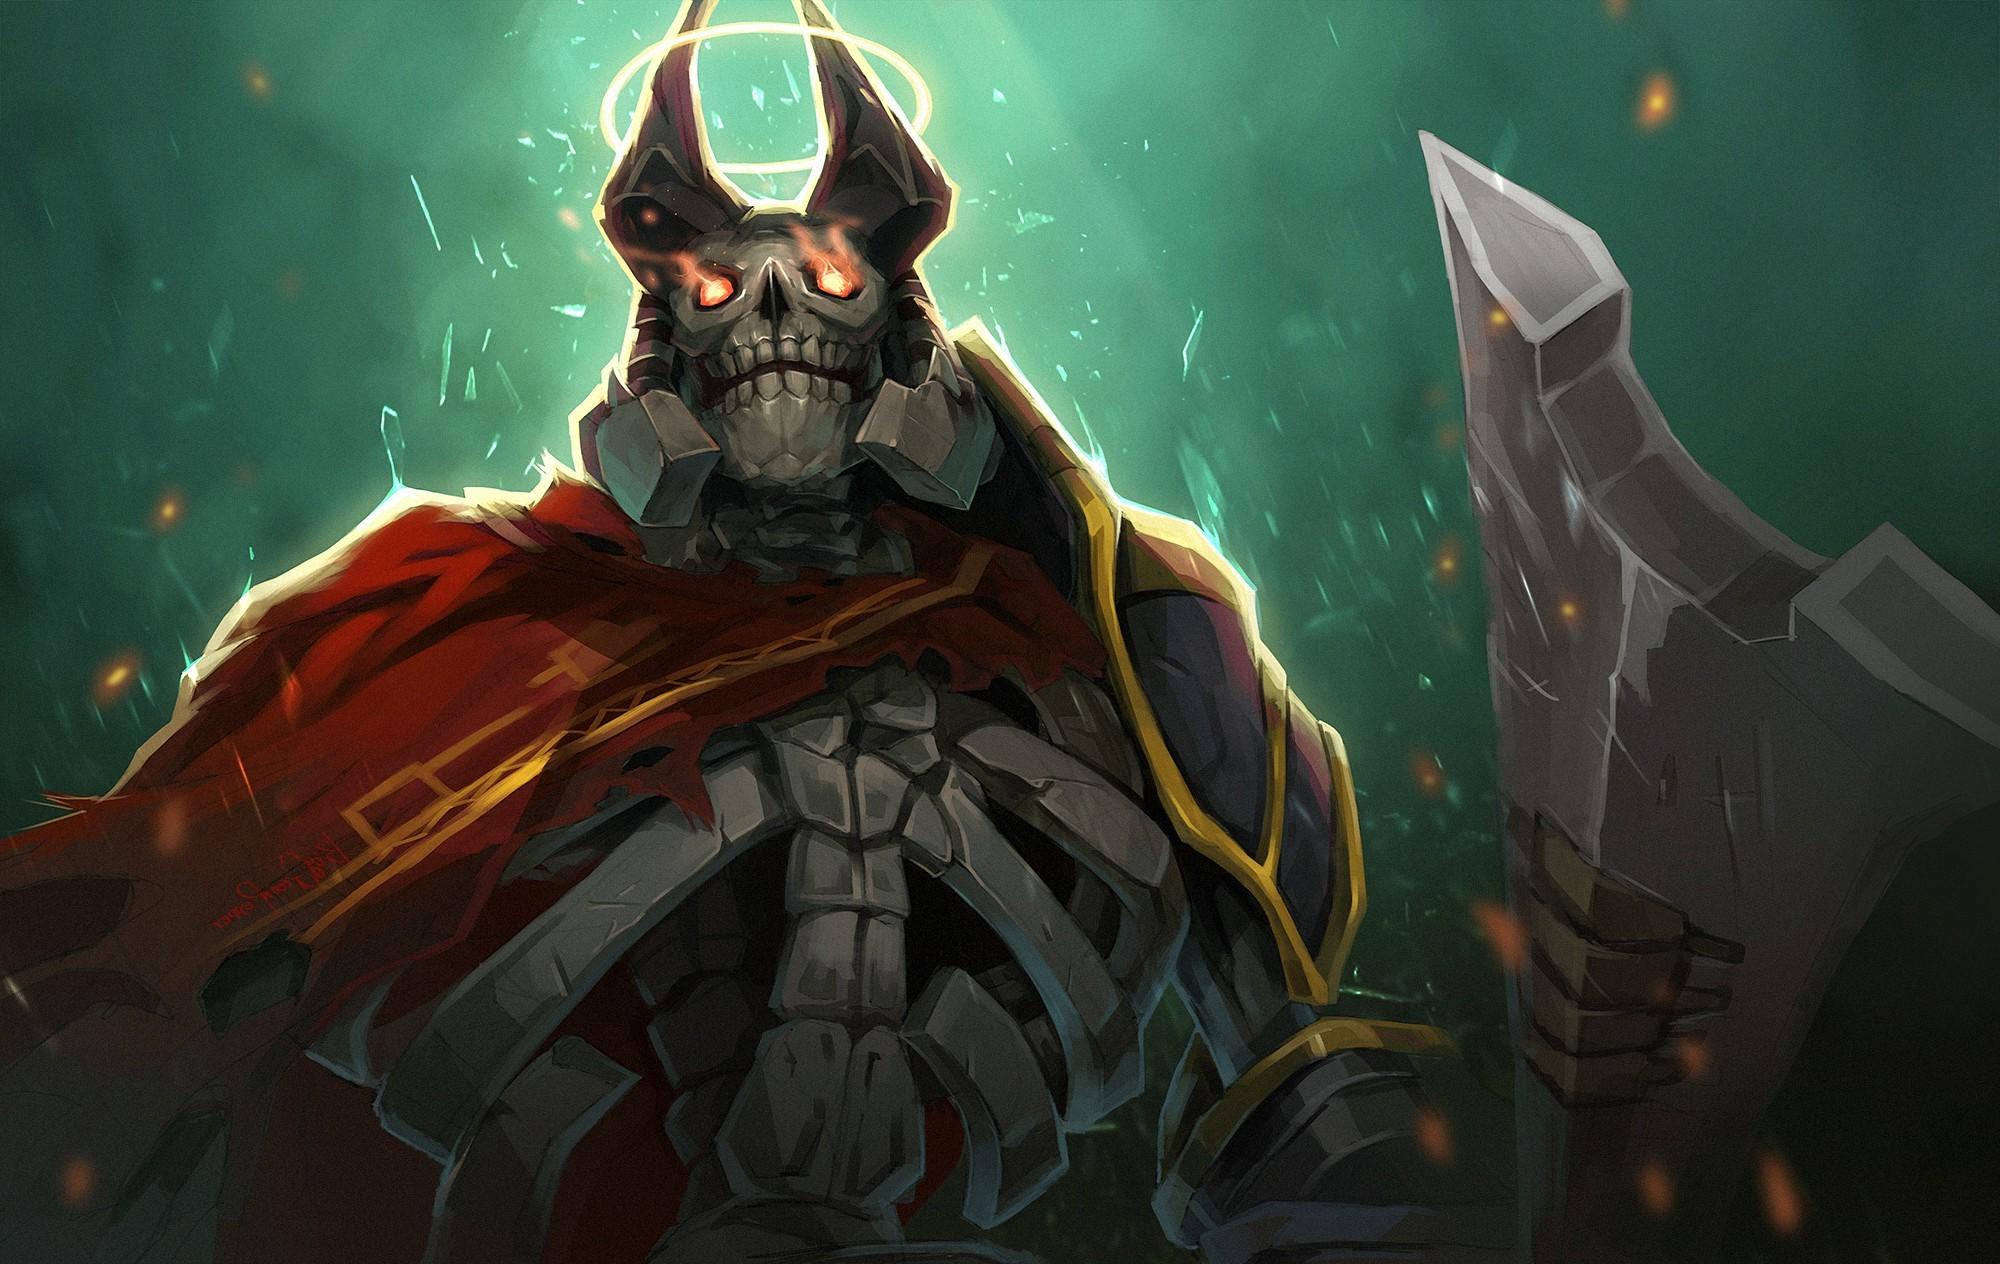 2000x1264 Px Dota 2 Skeleton King Valve Wraith